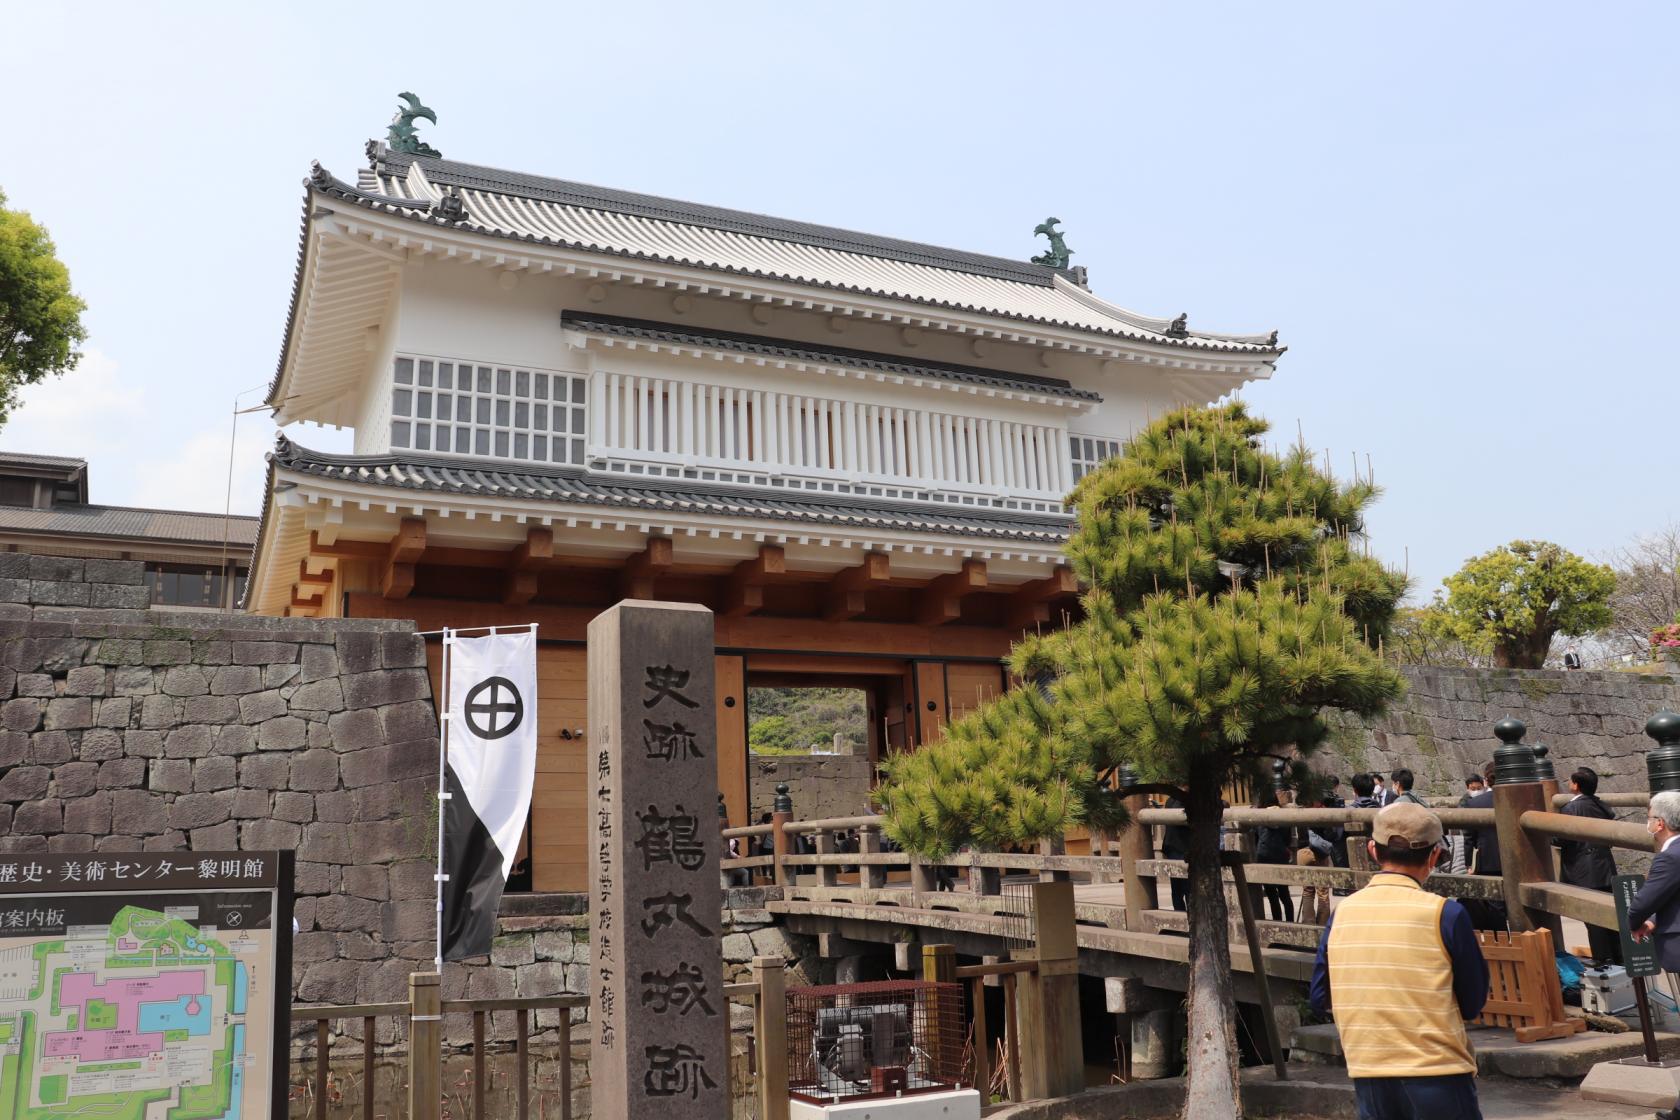 鶴丸城 御楼門-1